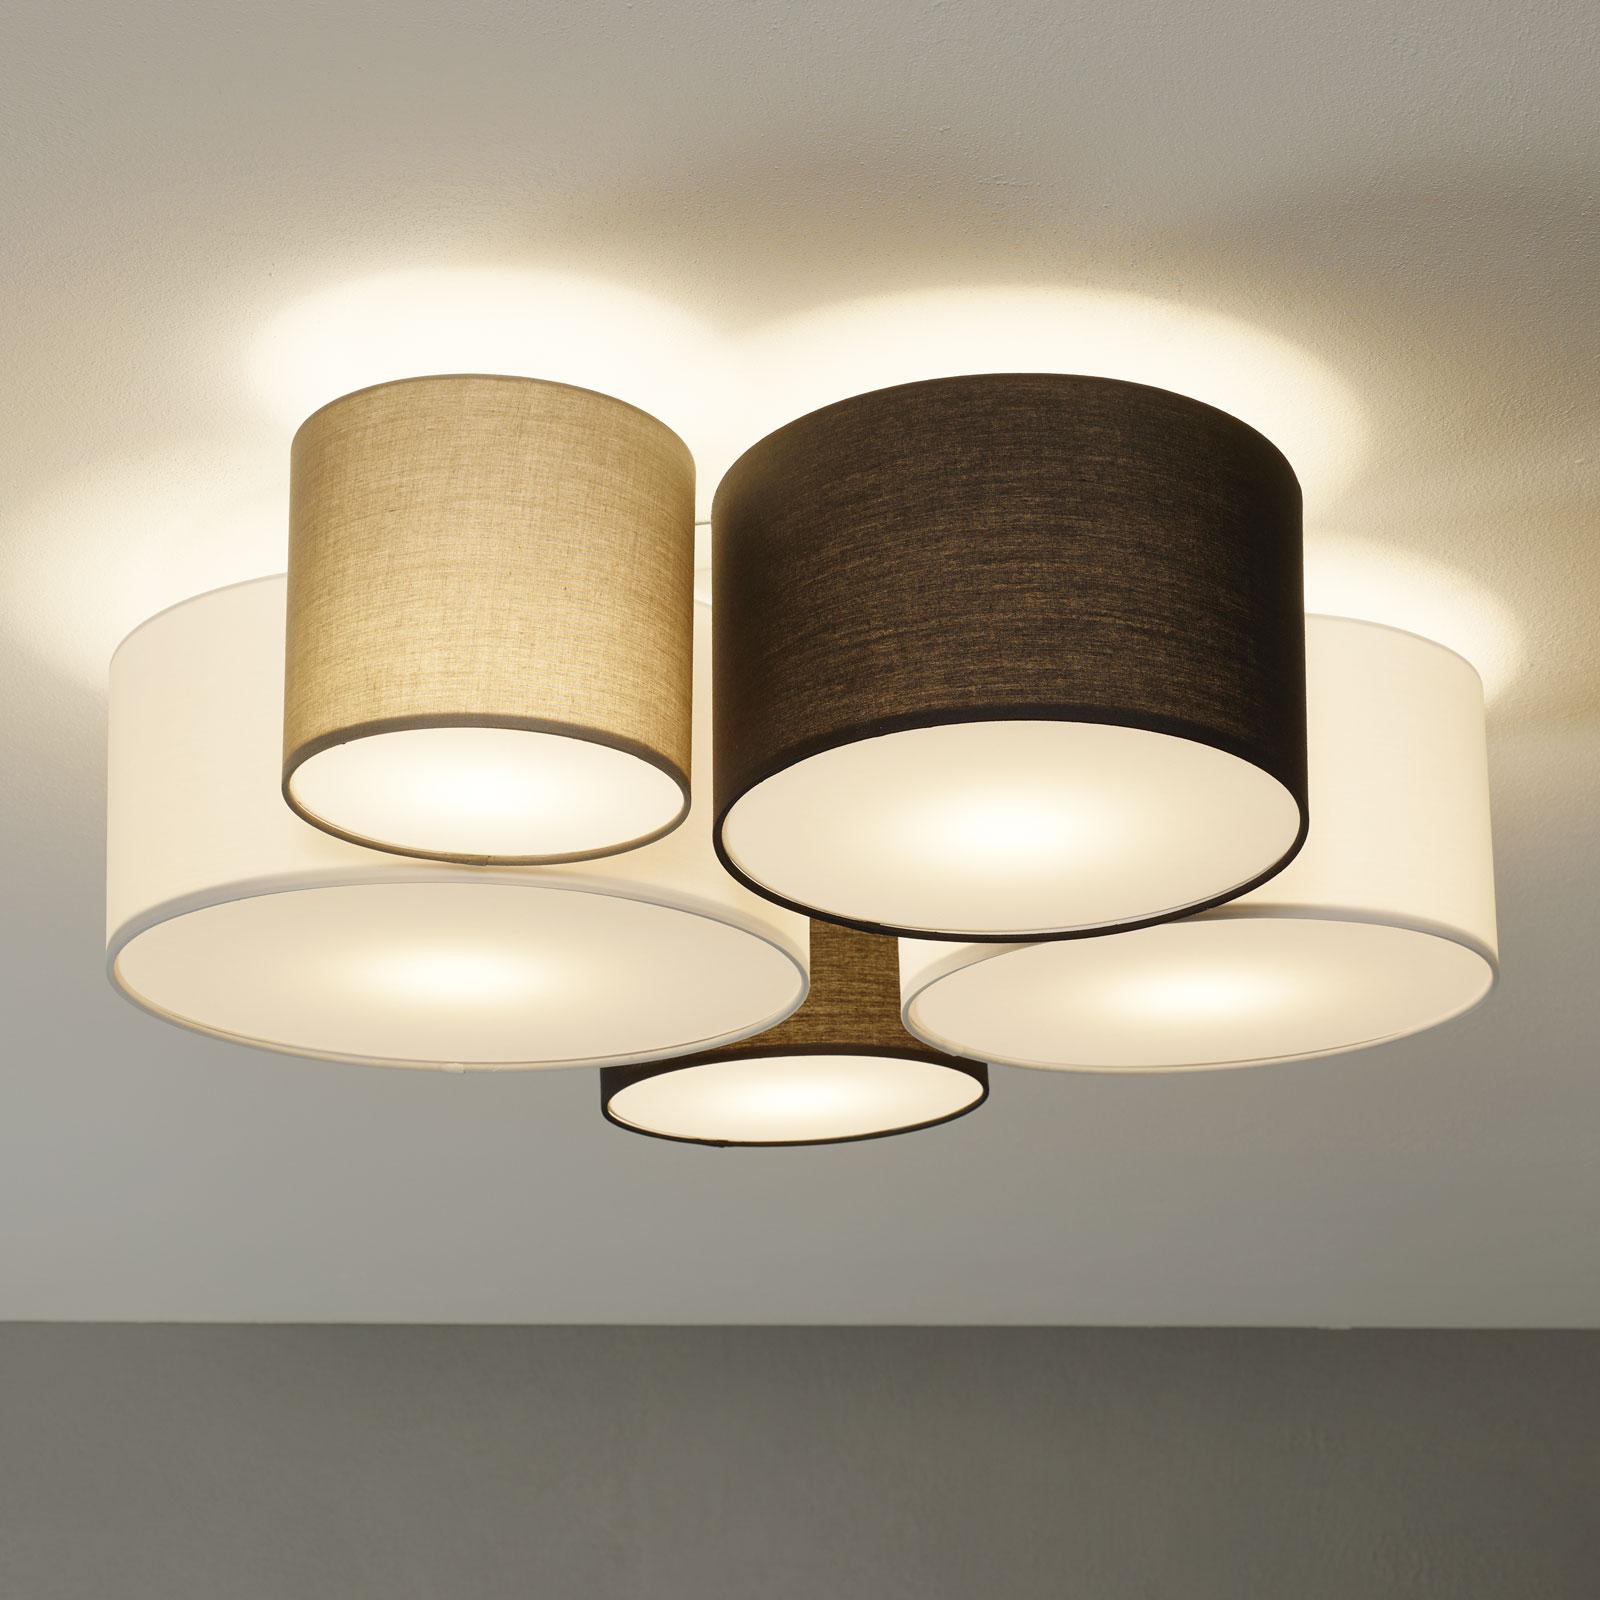 Lampa sufitowa Hotel, pięć tekstylnych kloszy